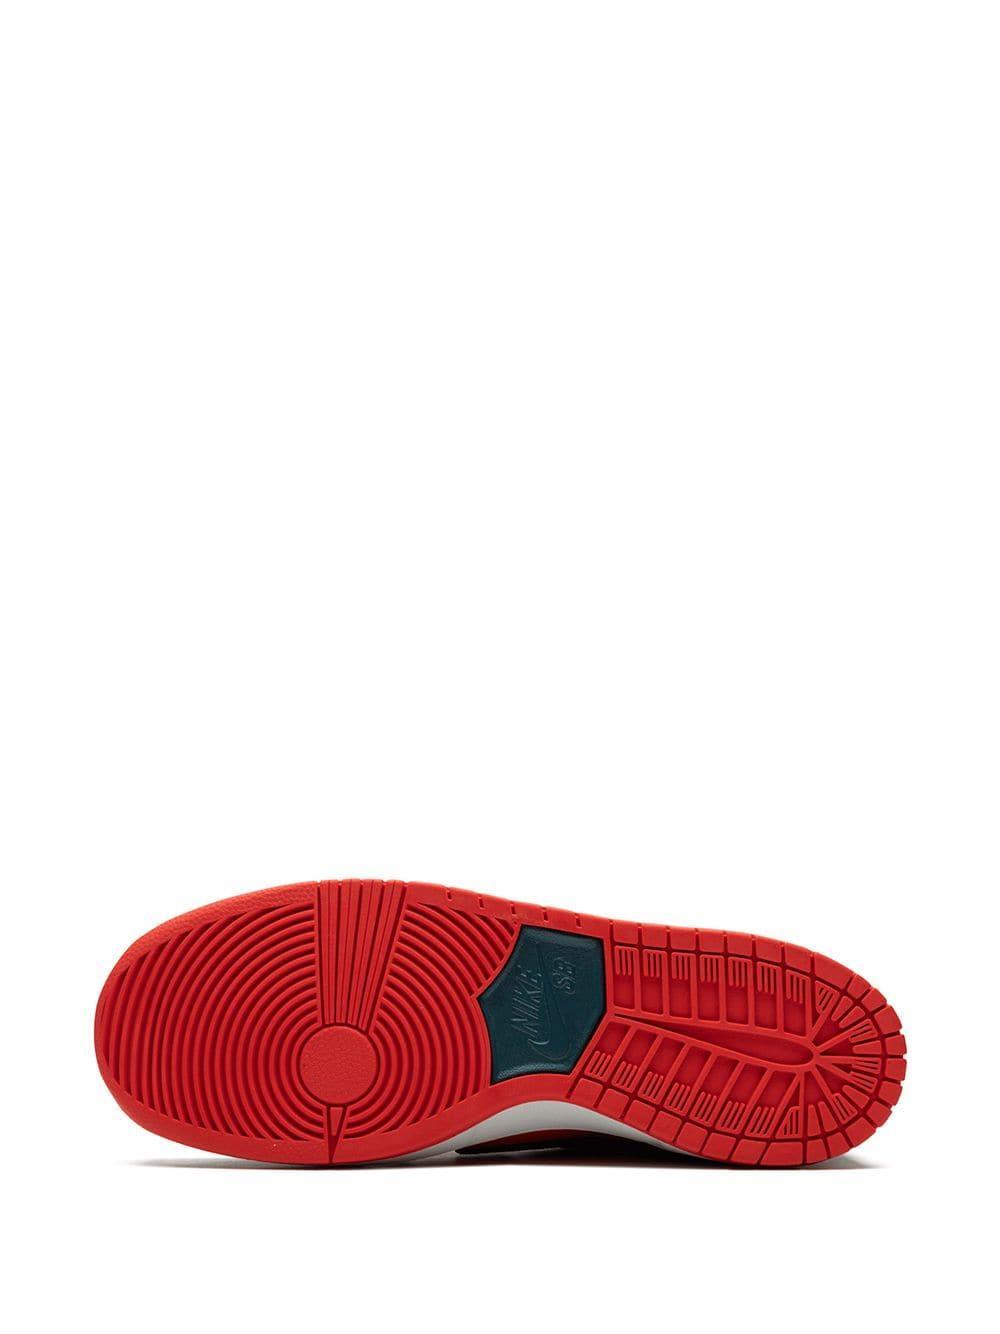 Zapatillas SB Zoom Dunk Low Pro Nike de hombre de color Rojo